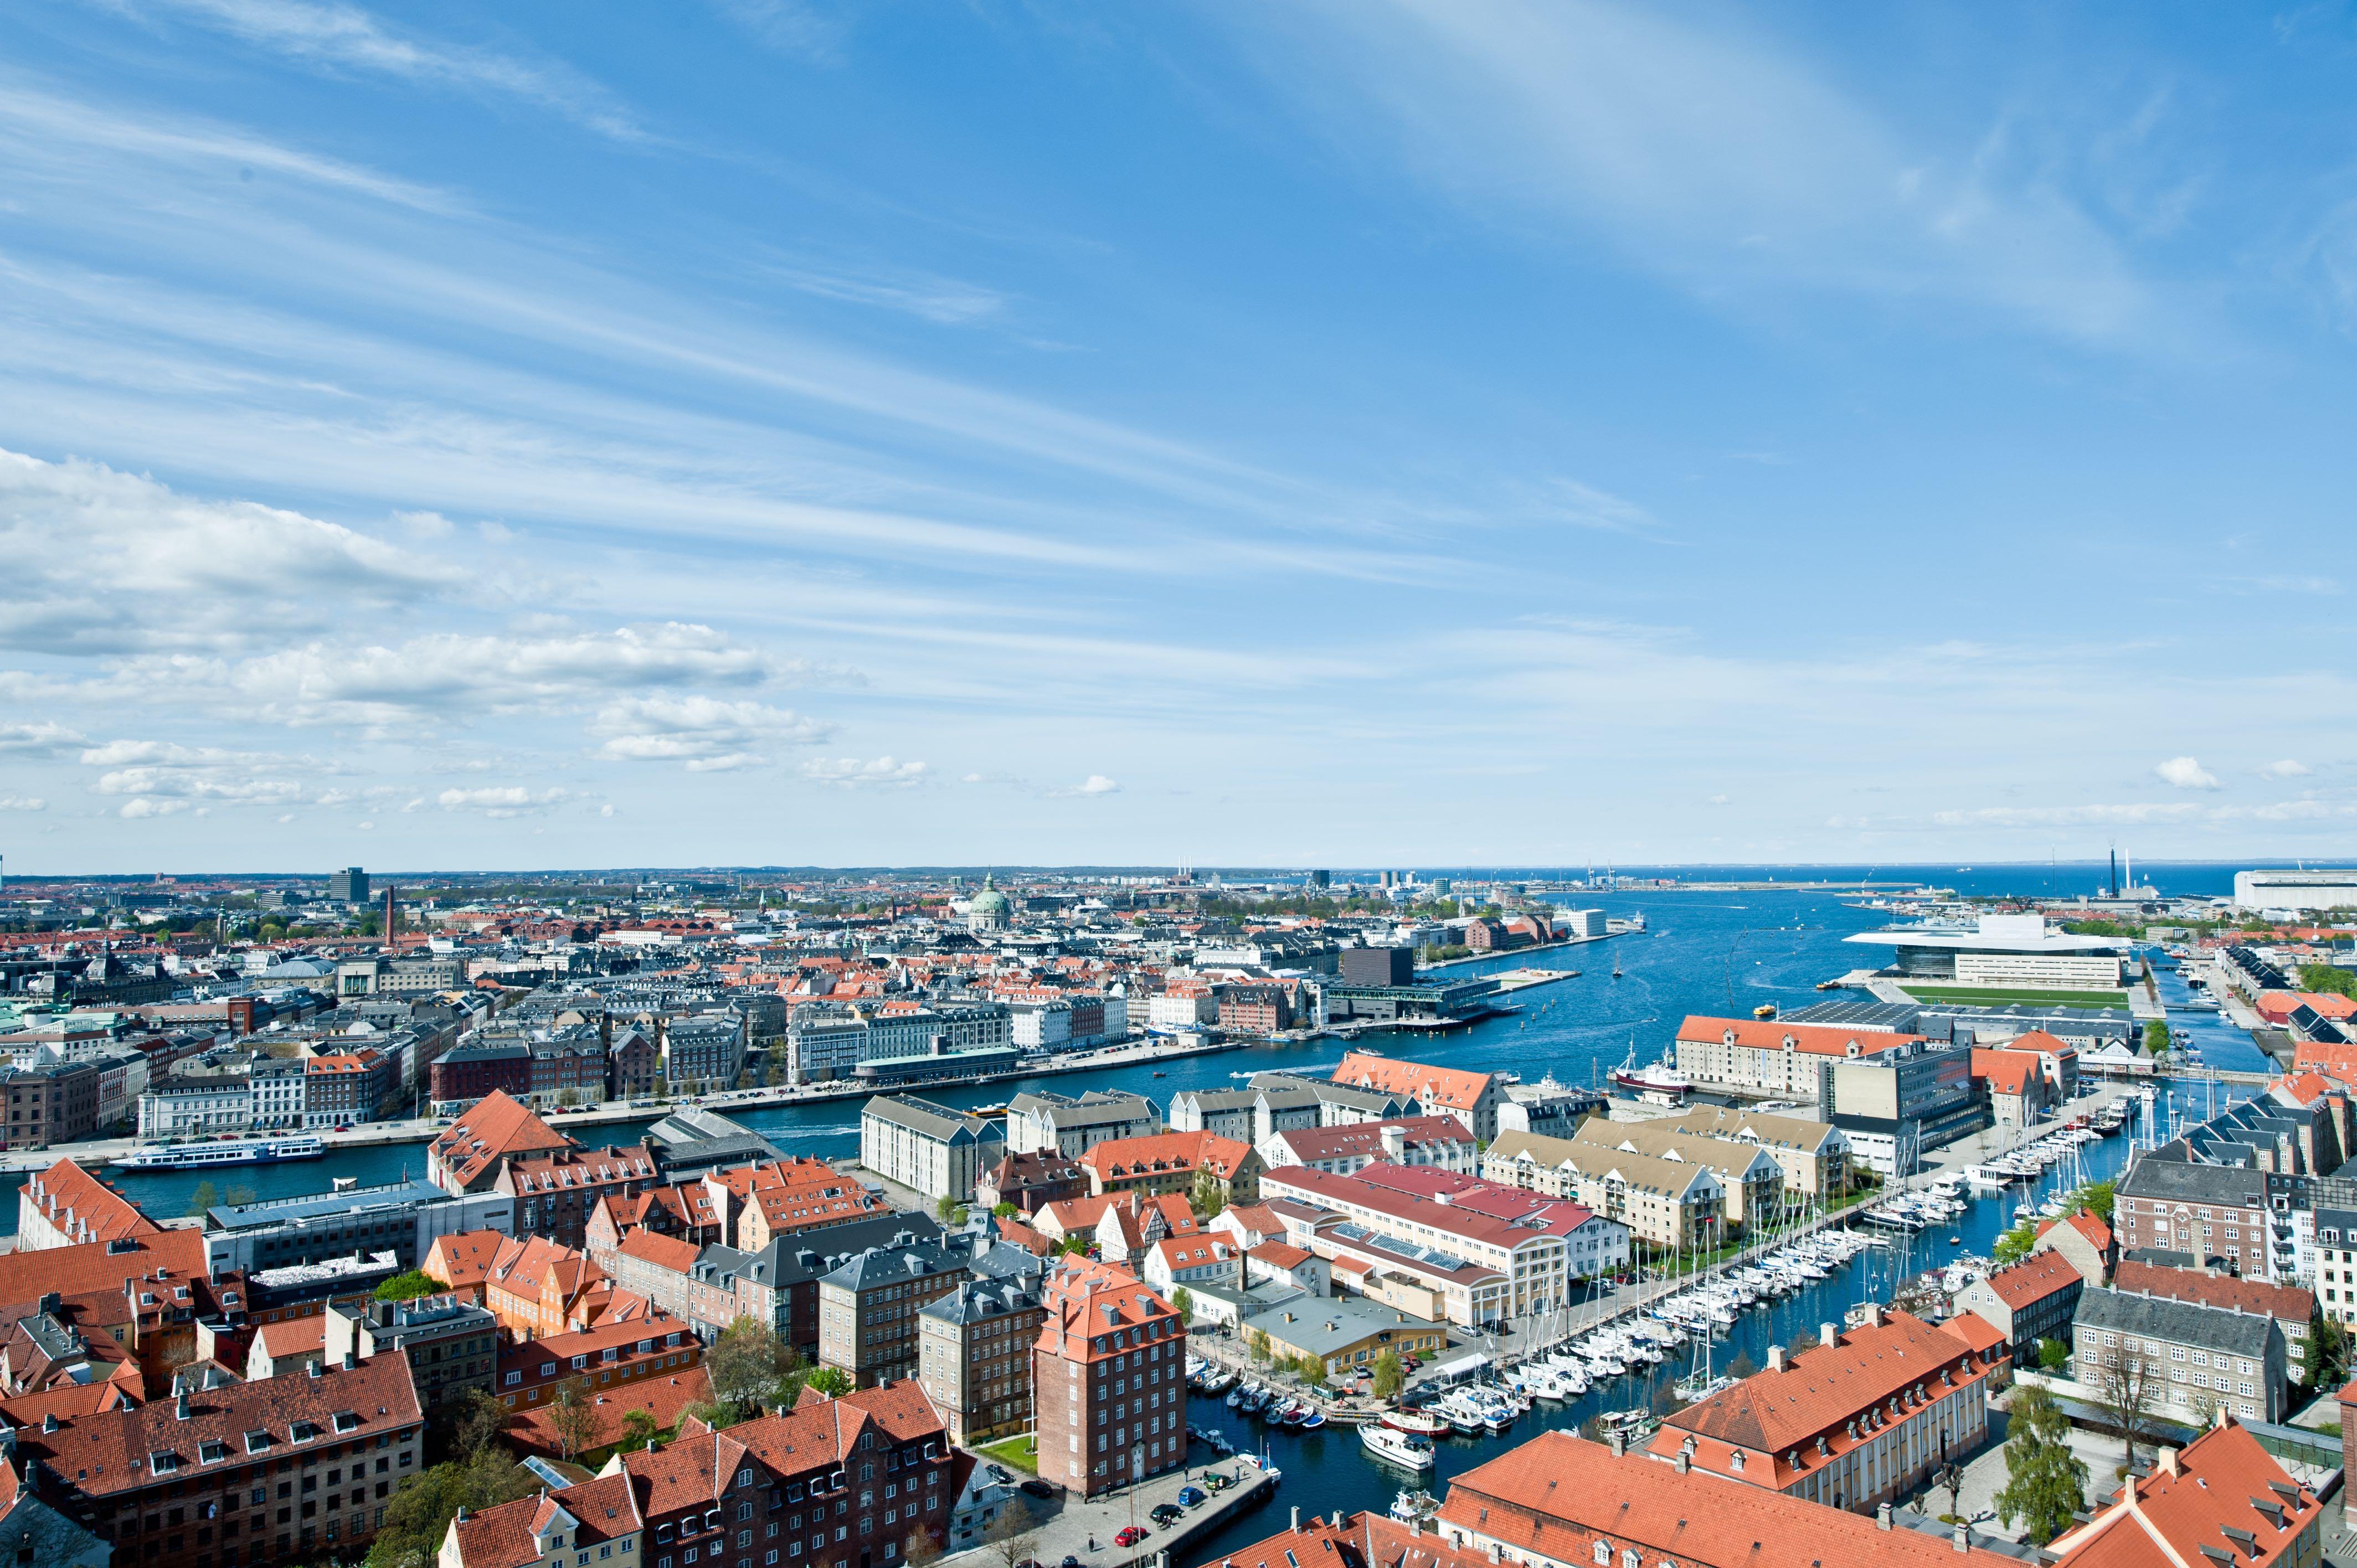 Vy över inre hamnen i Köpenhamn.